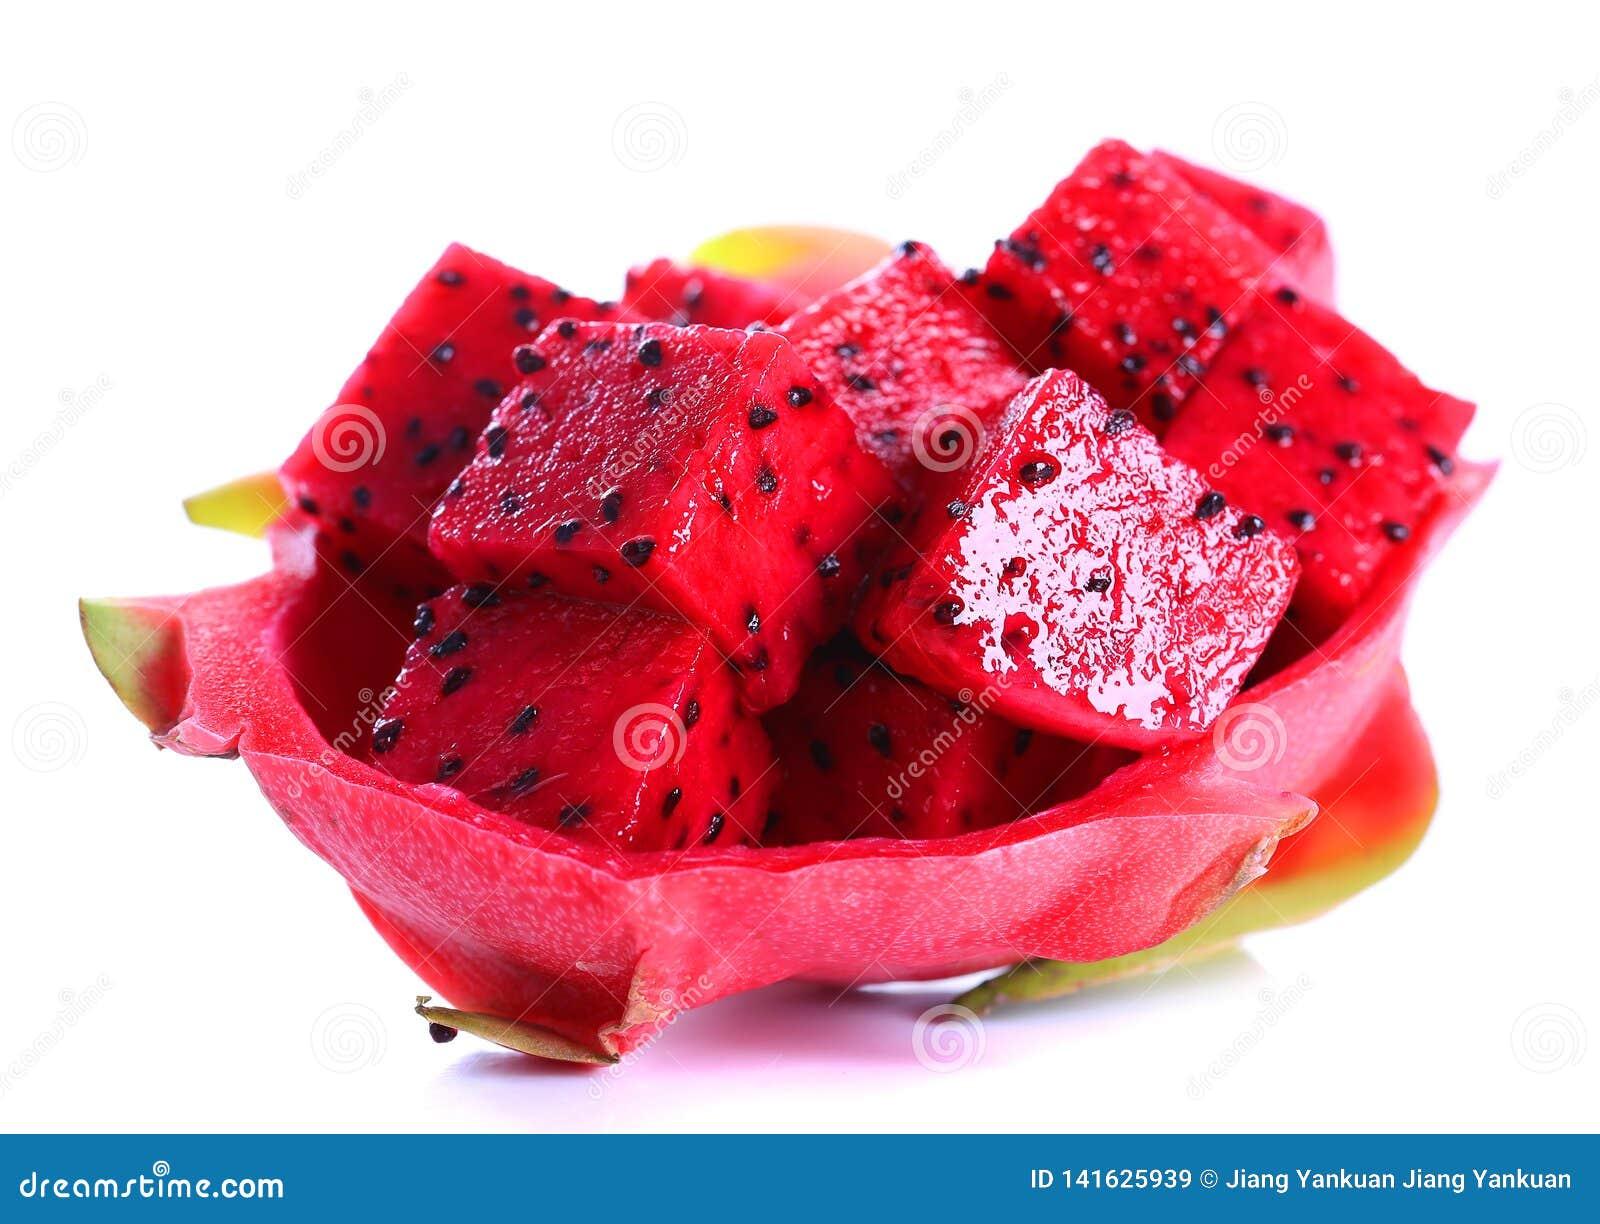 Ripe pitaya fruit